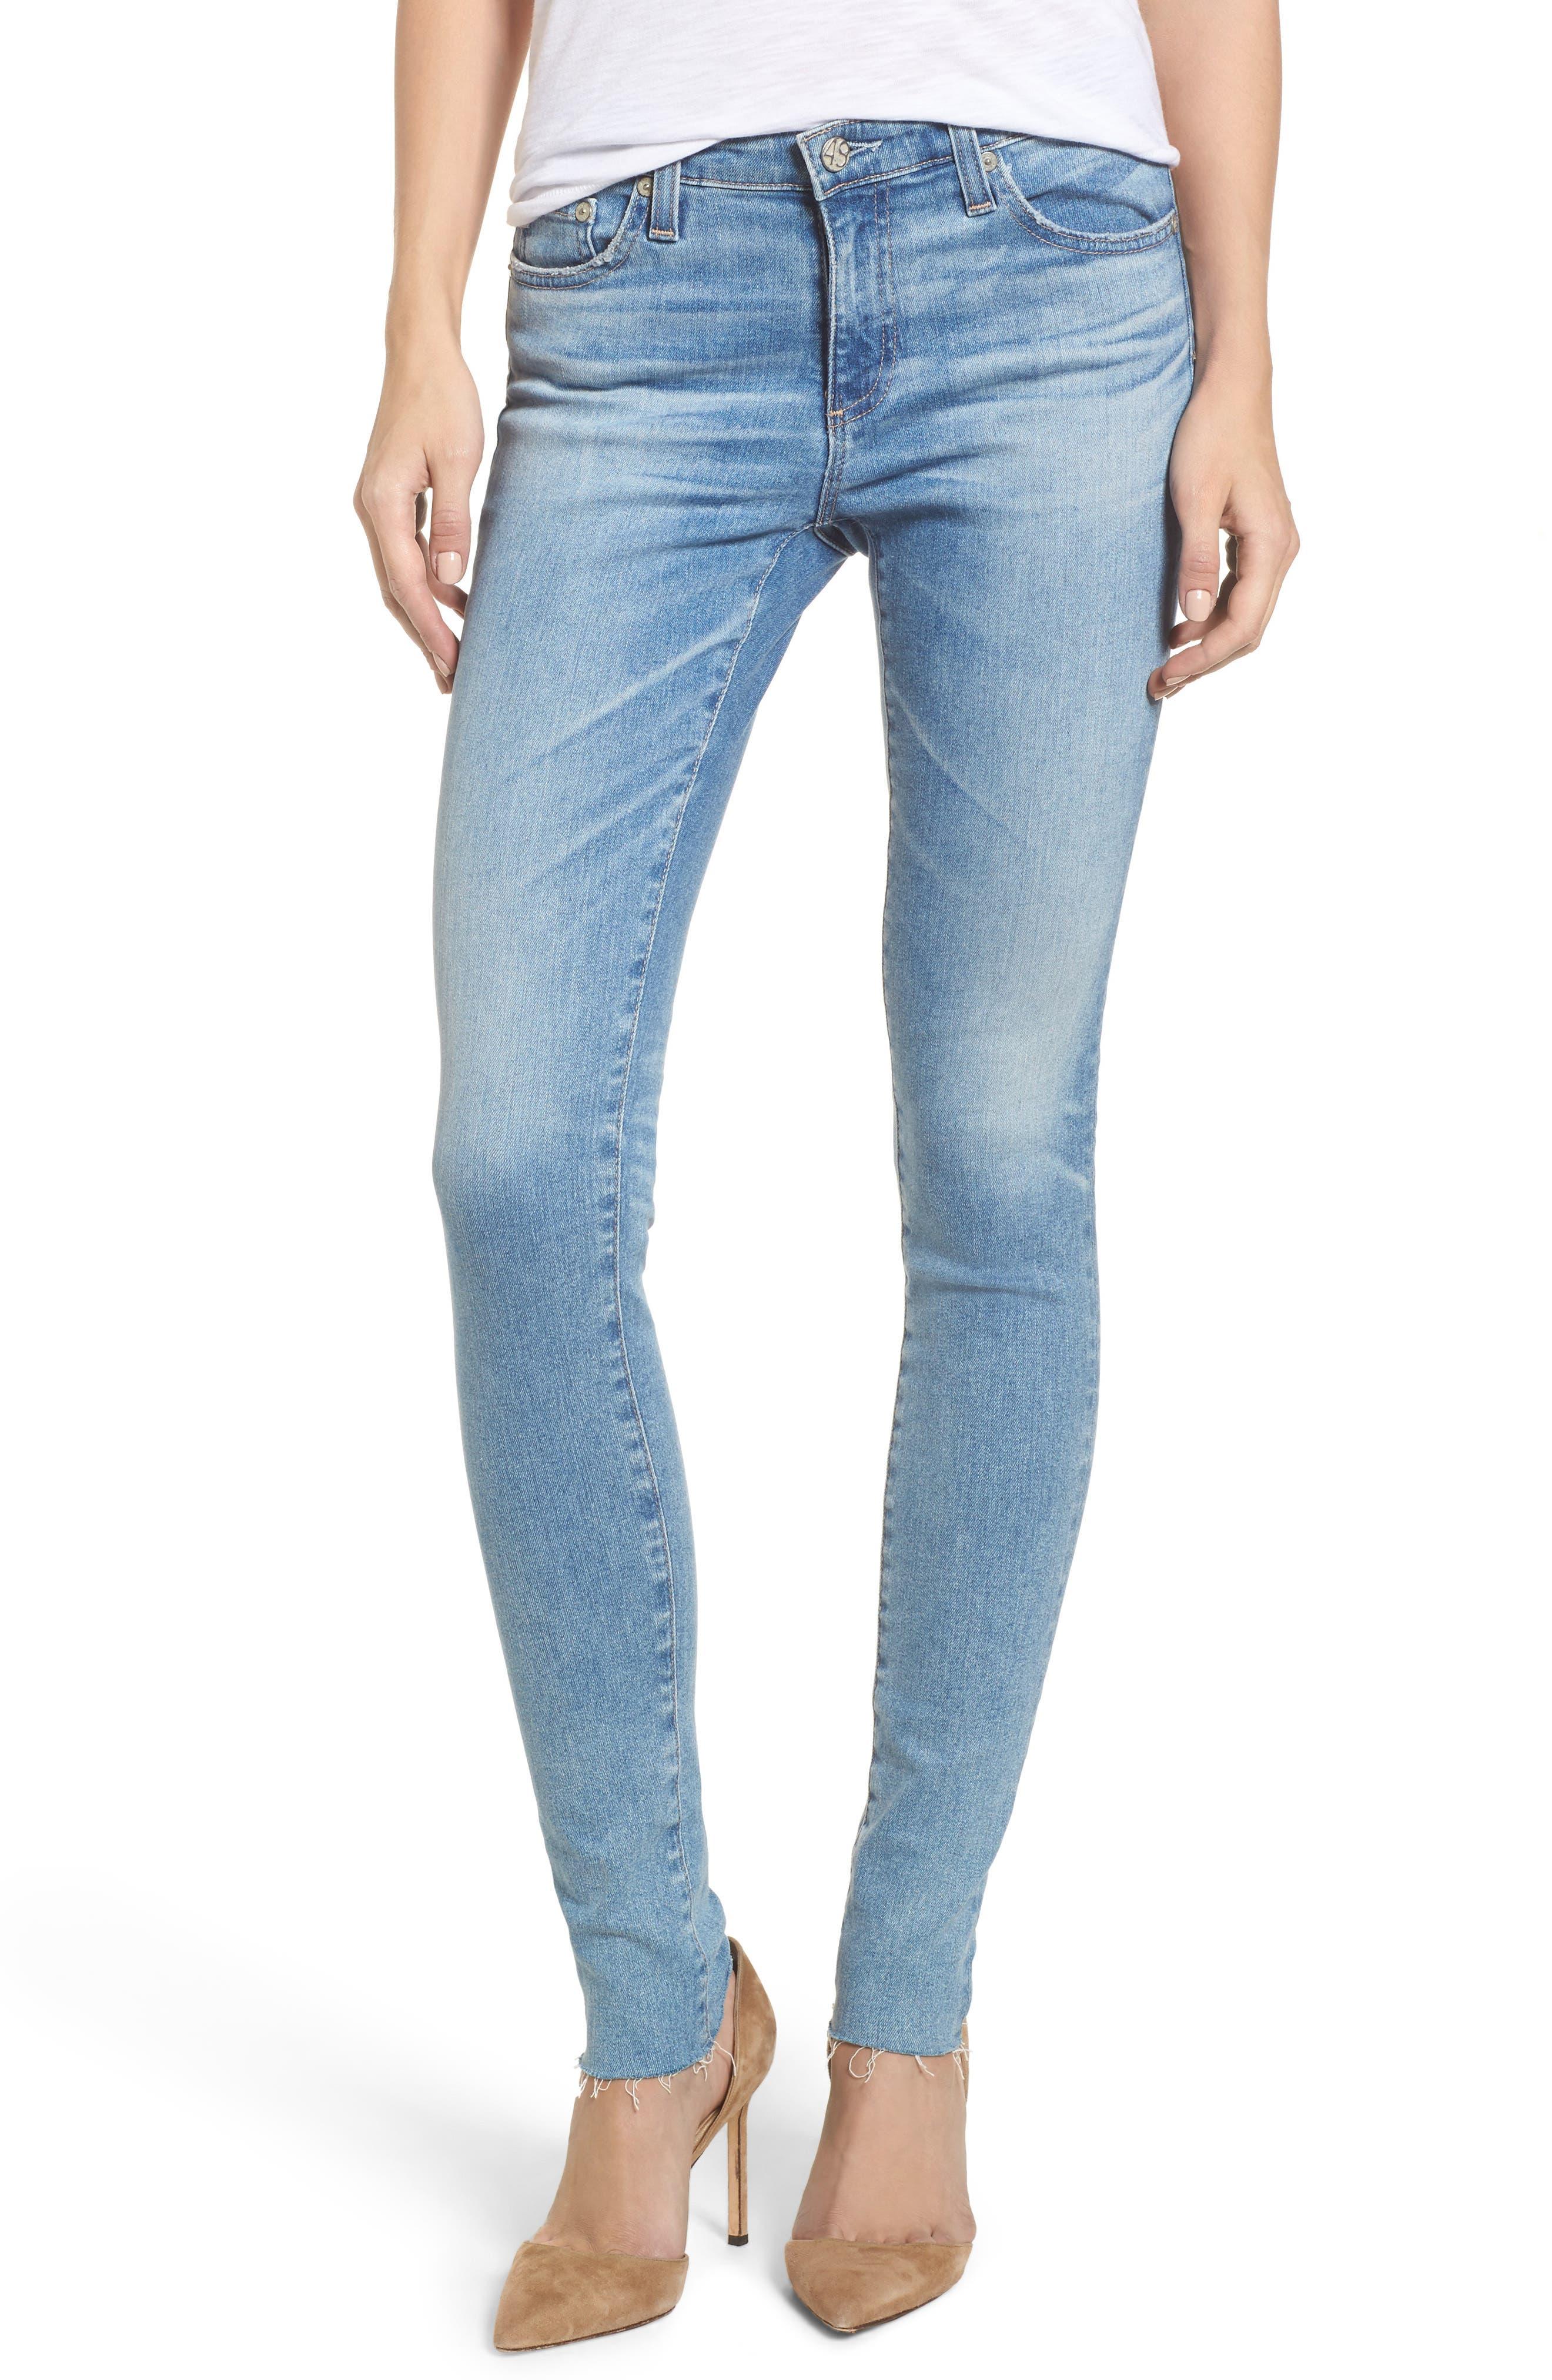 AG The Legging Super Skinny Jeans (18 Years Cruising)